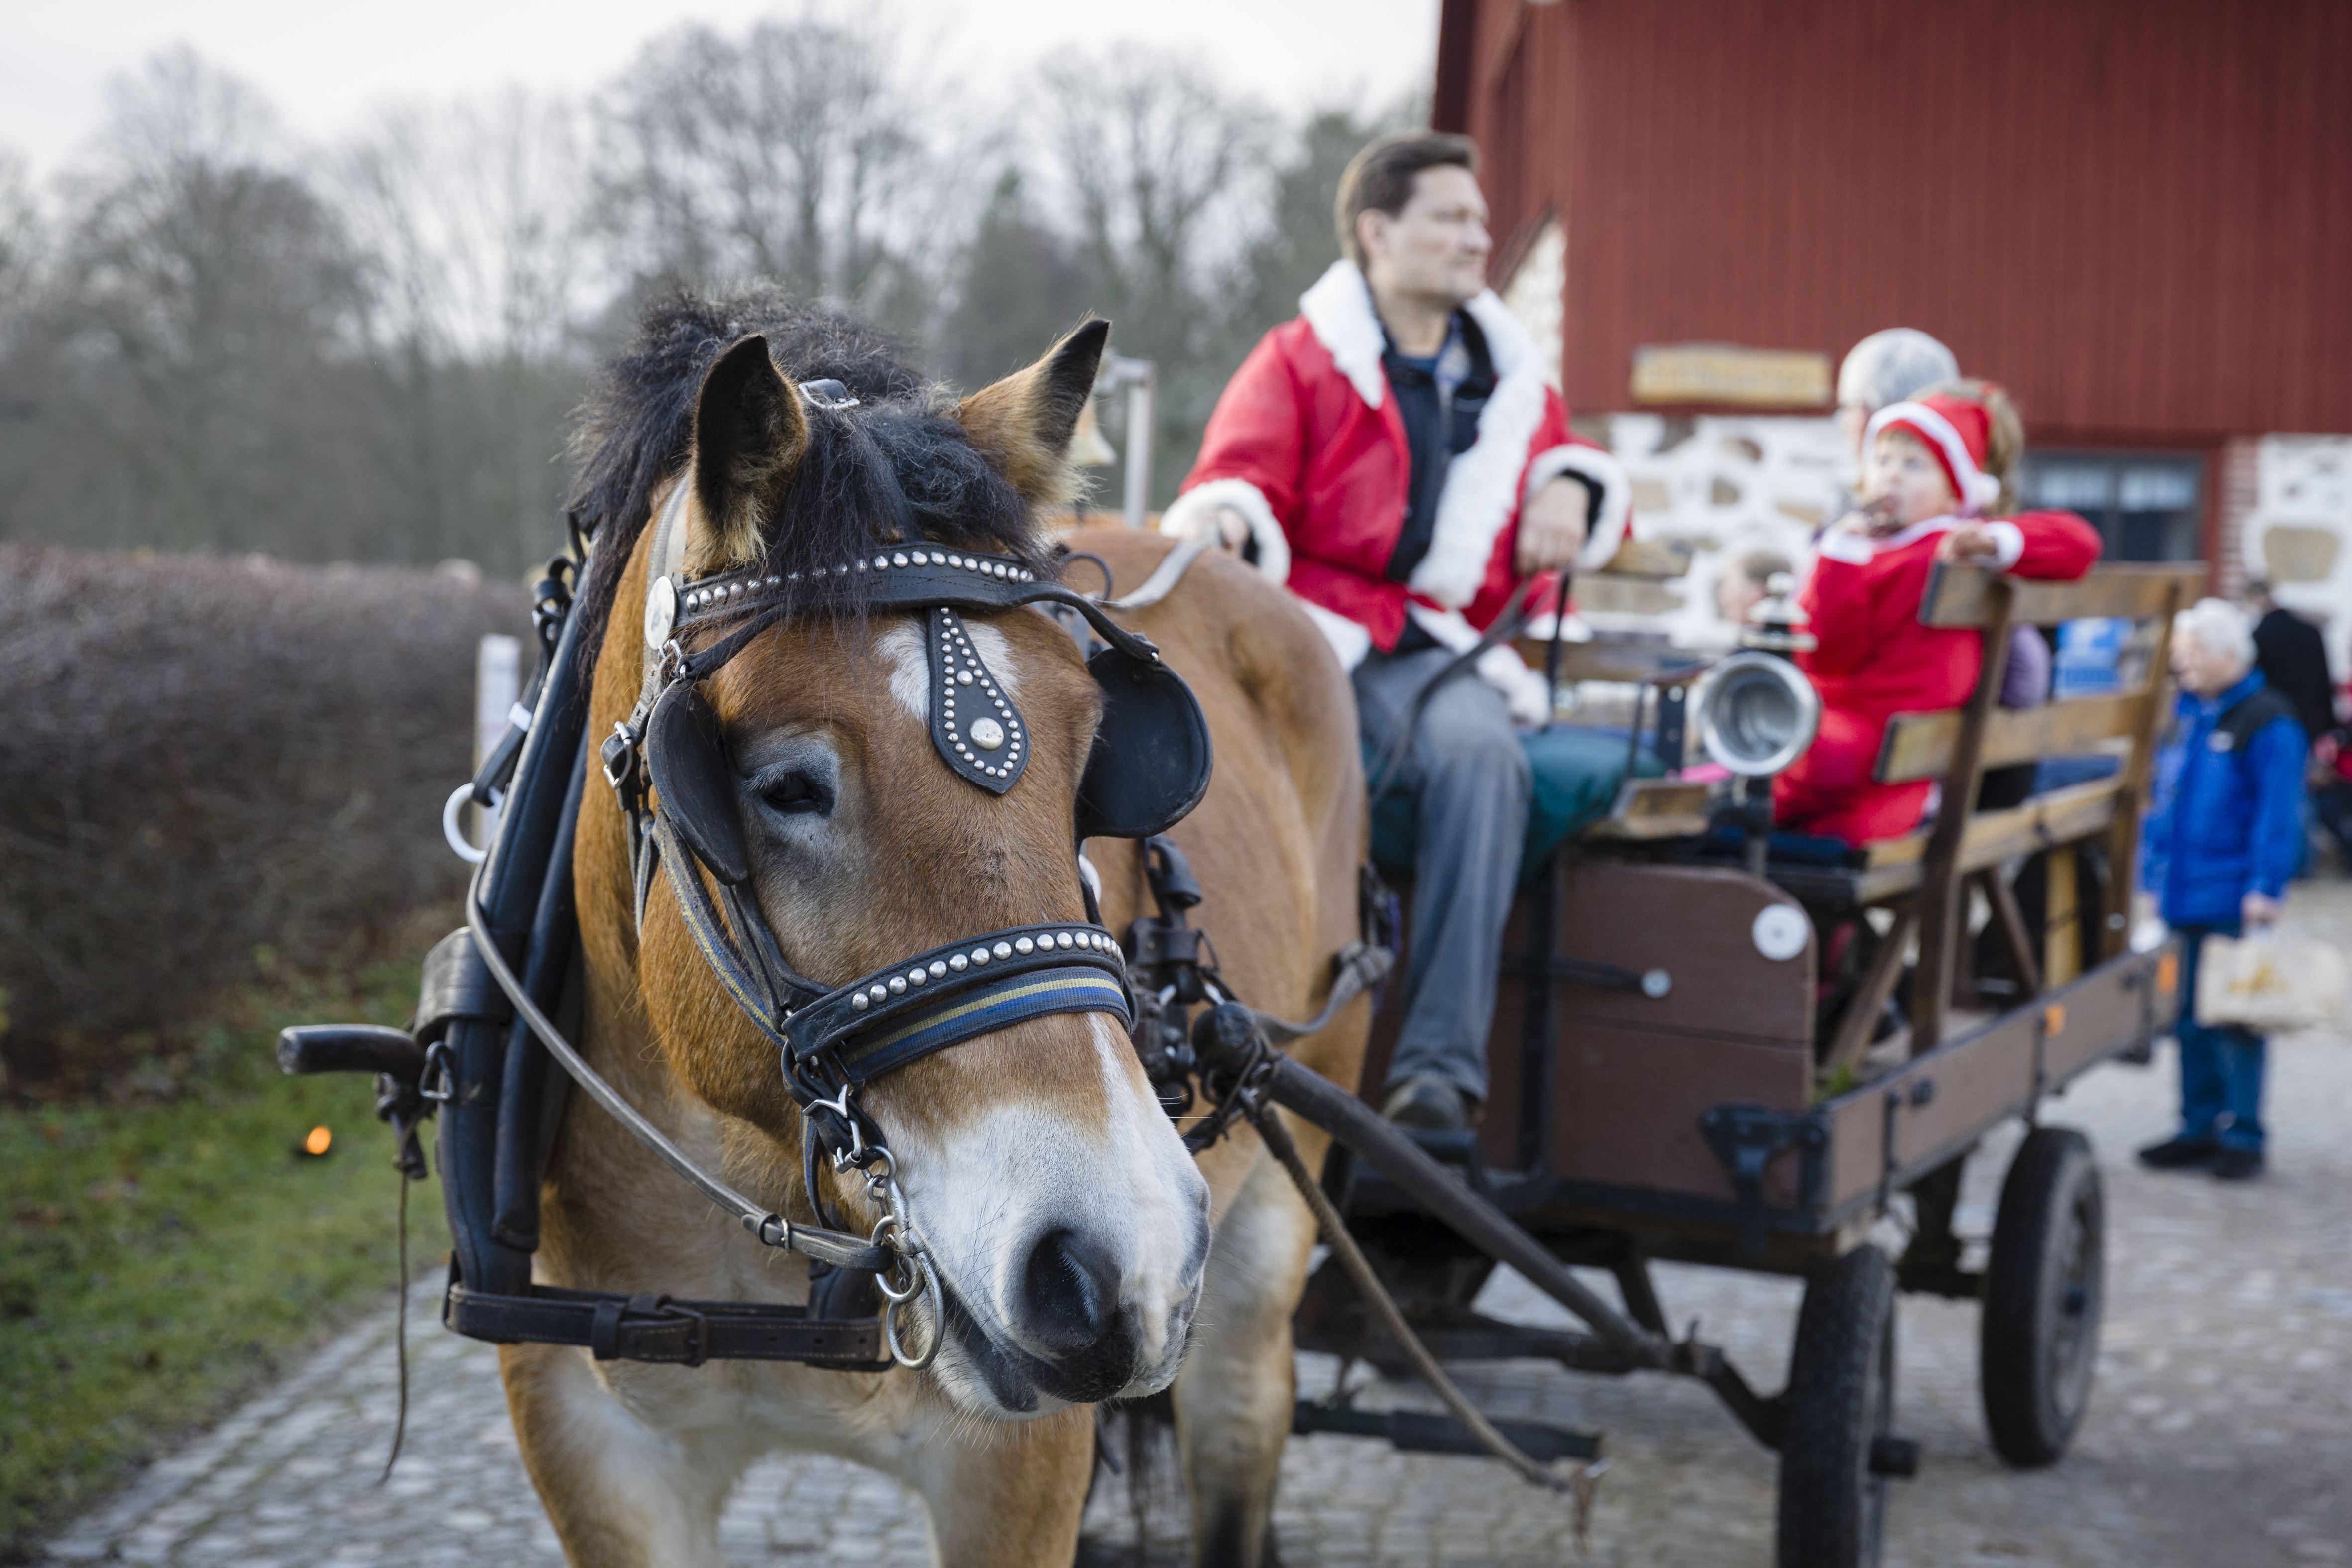 Foto Sven Persson/swelo.se, Skånejul - Christmas Fair at Hässleholmsgården 2016